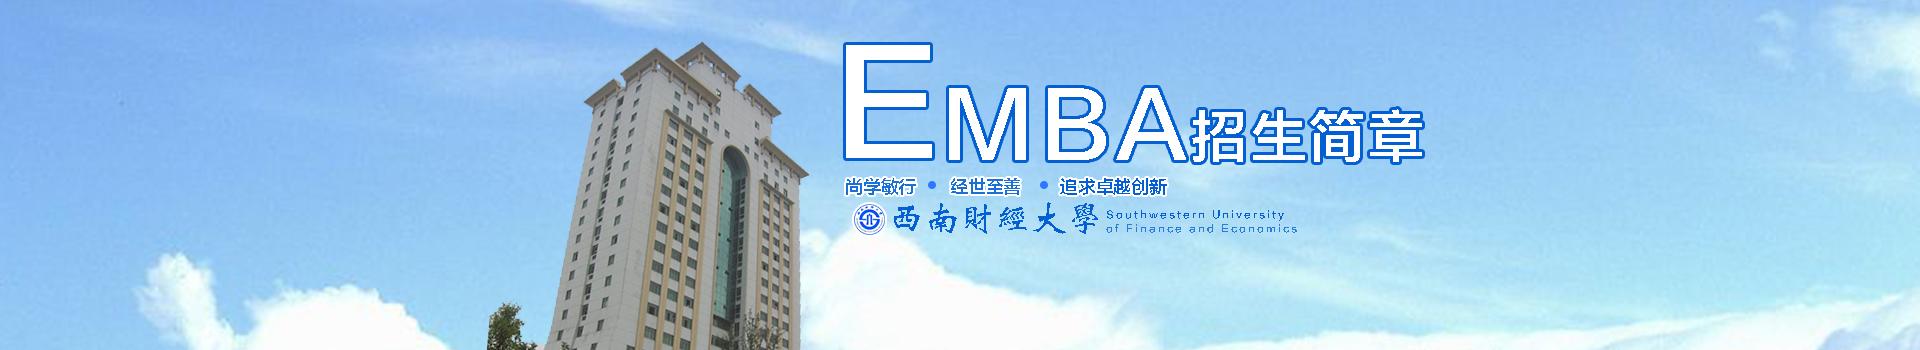 西南财经大学工商管理学院高级工商管理硕士EMBA招生简章